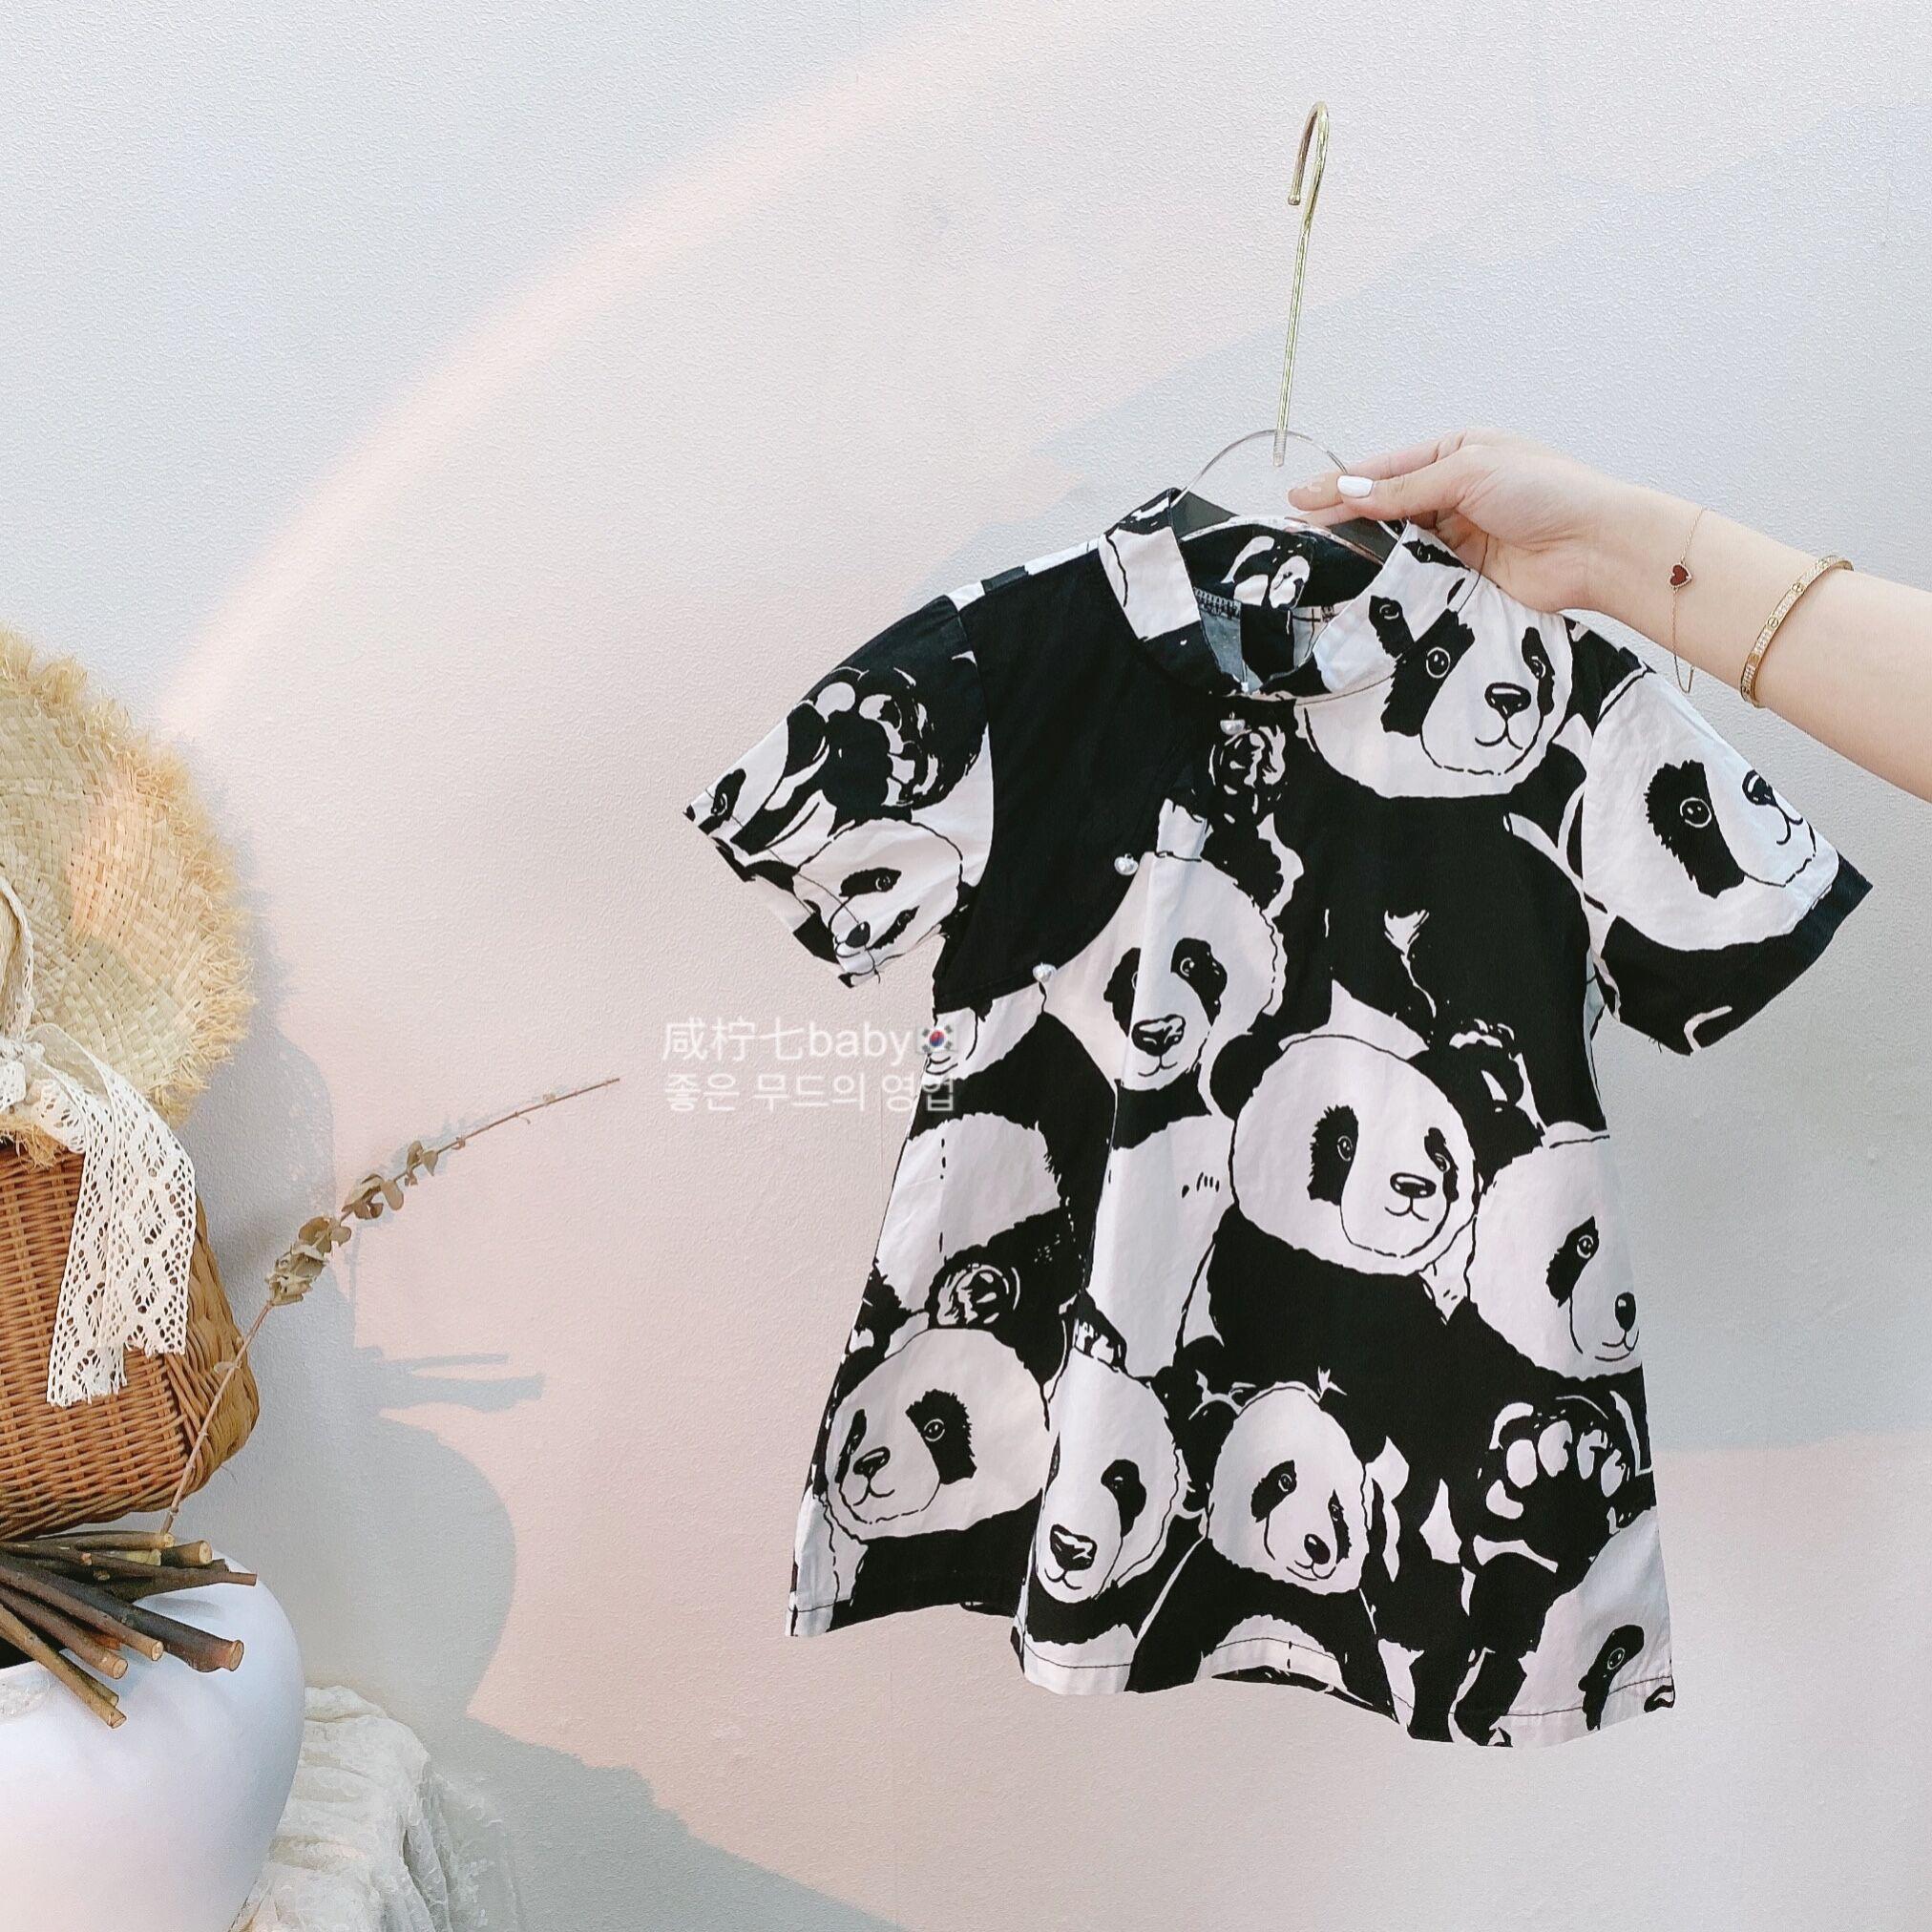 女童夏装连衣裙2021夏季女宝宝A字裙熊猫旗袍女孩洋气短袖裙子